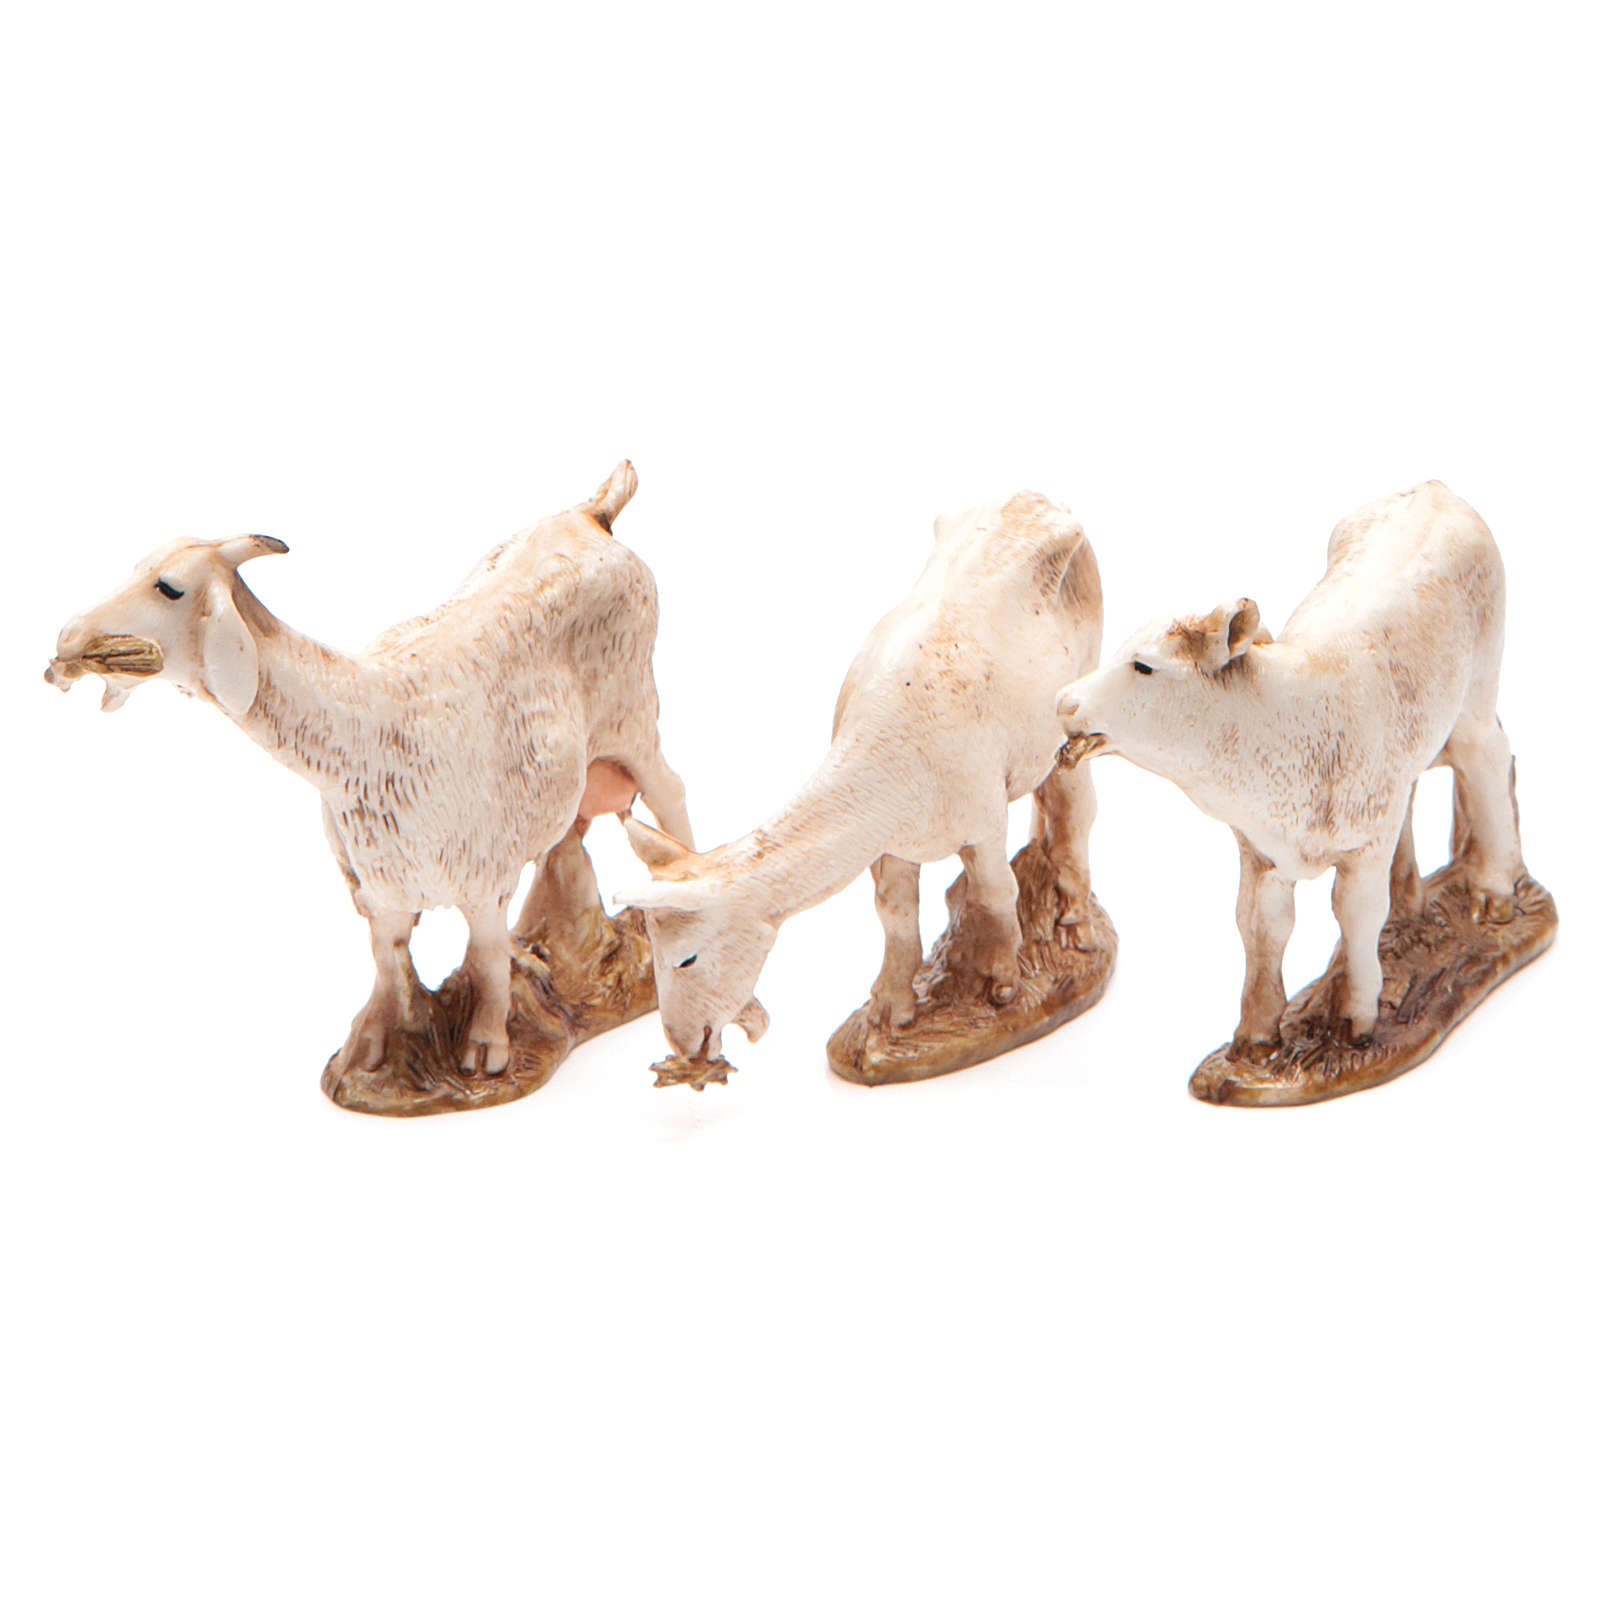 Zwierzęta mieszane do szopki 10cm Moranduzzo 3 sztuki 4